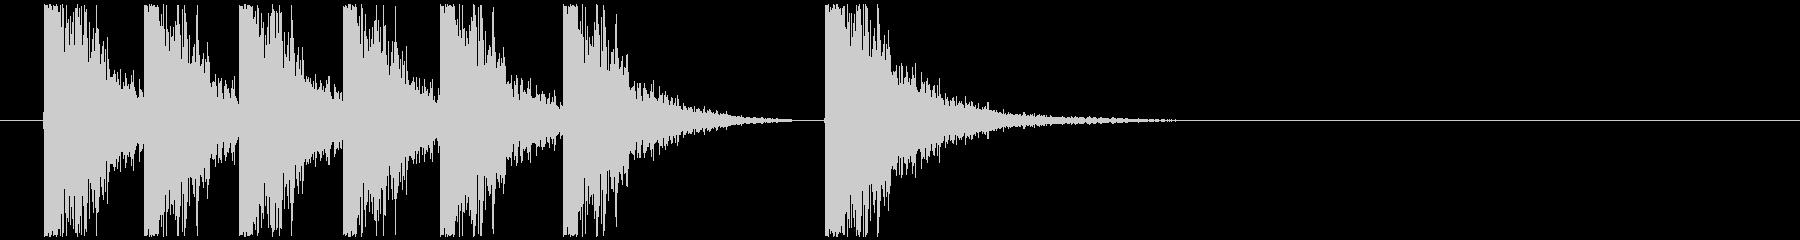 カンカン(硬いものを打ち付ける音)の未再生の波形